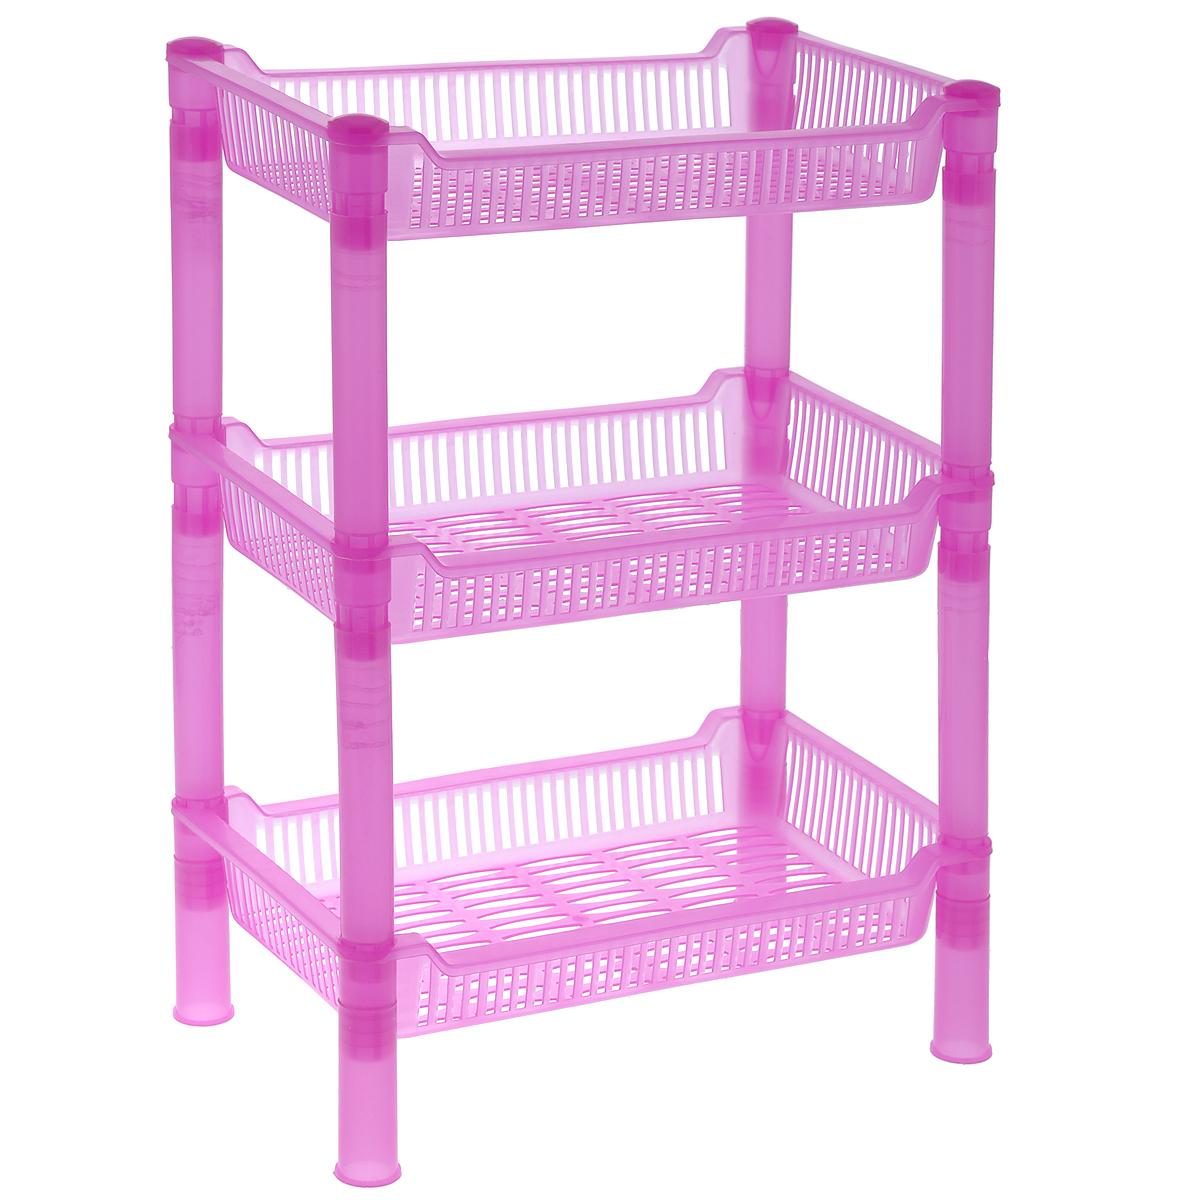 Этажерка Sima-land, 3-х ярусная, цвет: розовый, 27 х 17 х 27 см862515_розовыйКомпактная этажерка Sima-land выполнена из высококачественного пластика. Содержит 3 корзины с перфорированным дном и стенками. Этажерка подходит для хранения различных фруктов и овощей на кухне или различных принадлежностей в ванной комнате. Очень удобная и компактная, но в тоже время вместительная, такая этажерка прекрасно впишется в интерьер любой кухни или ванной комнаты. Она поможет легко организовать пространство. Легко собирается и разбирается. Размер этажерки (ДхШхВ): 27 см х 17 см х 27 см. Размер яруса (ДхШхВ): 27 см х 17 см х 4,5 см.